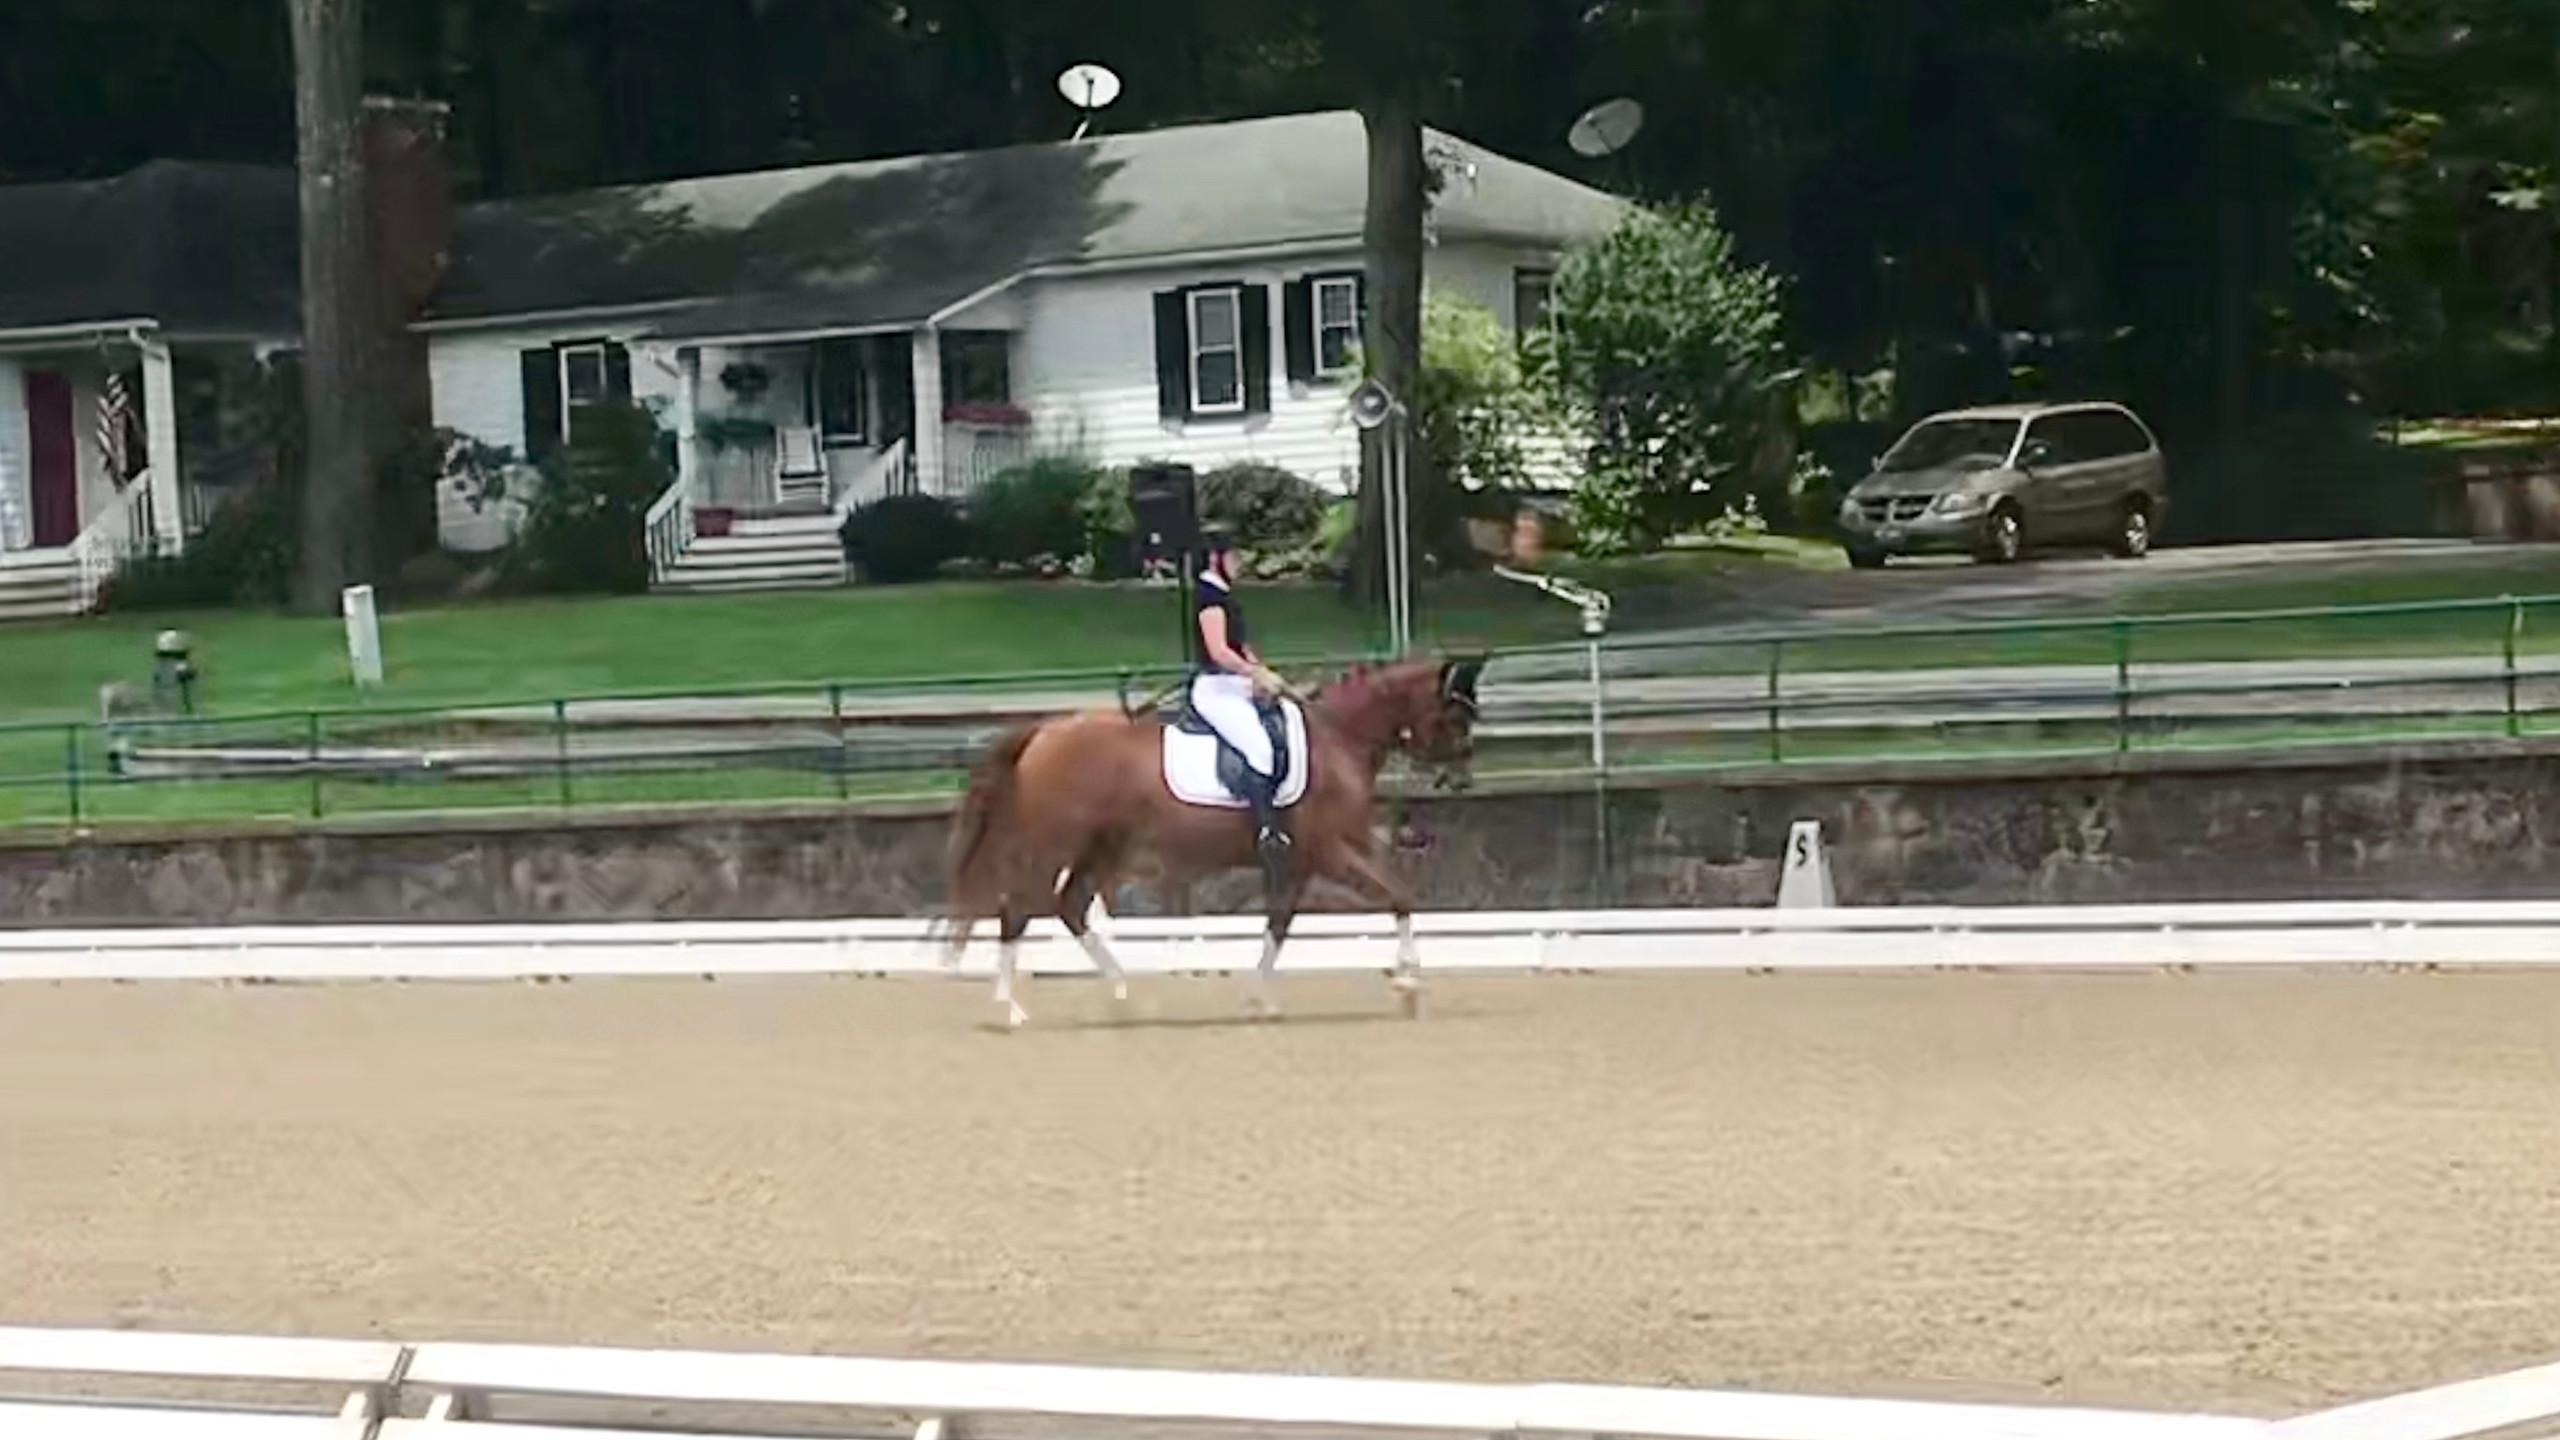 equestrian rider horse paralympics